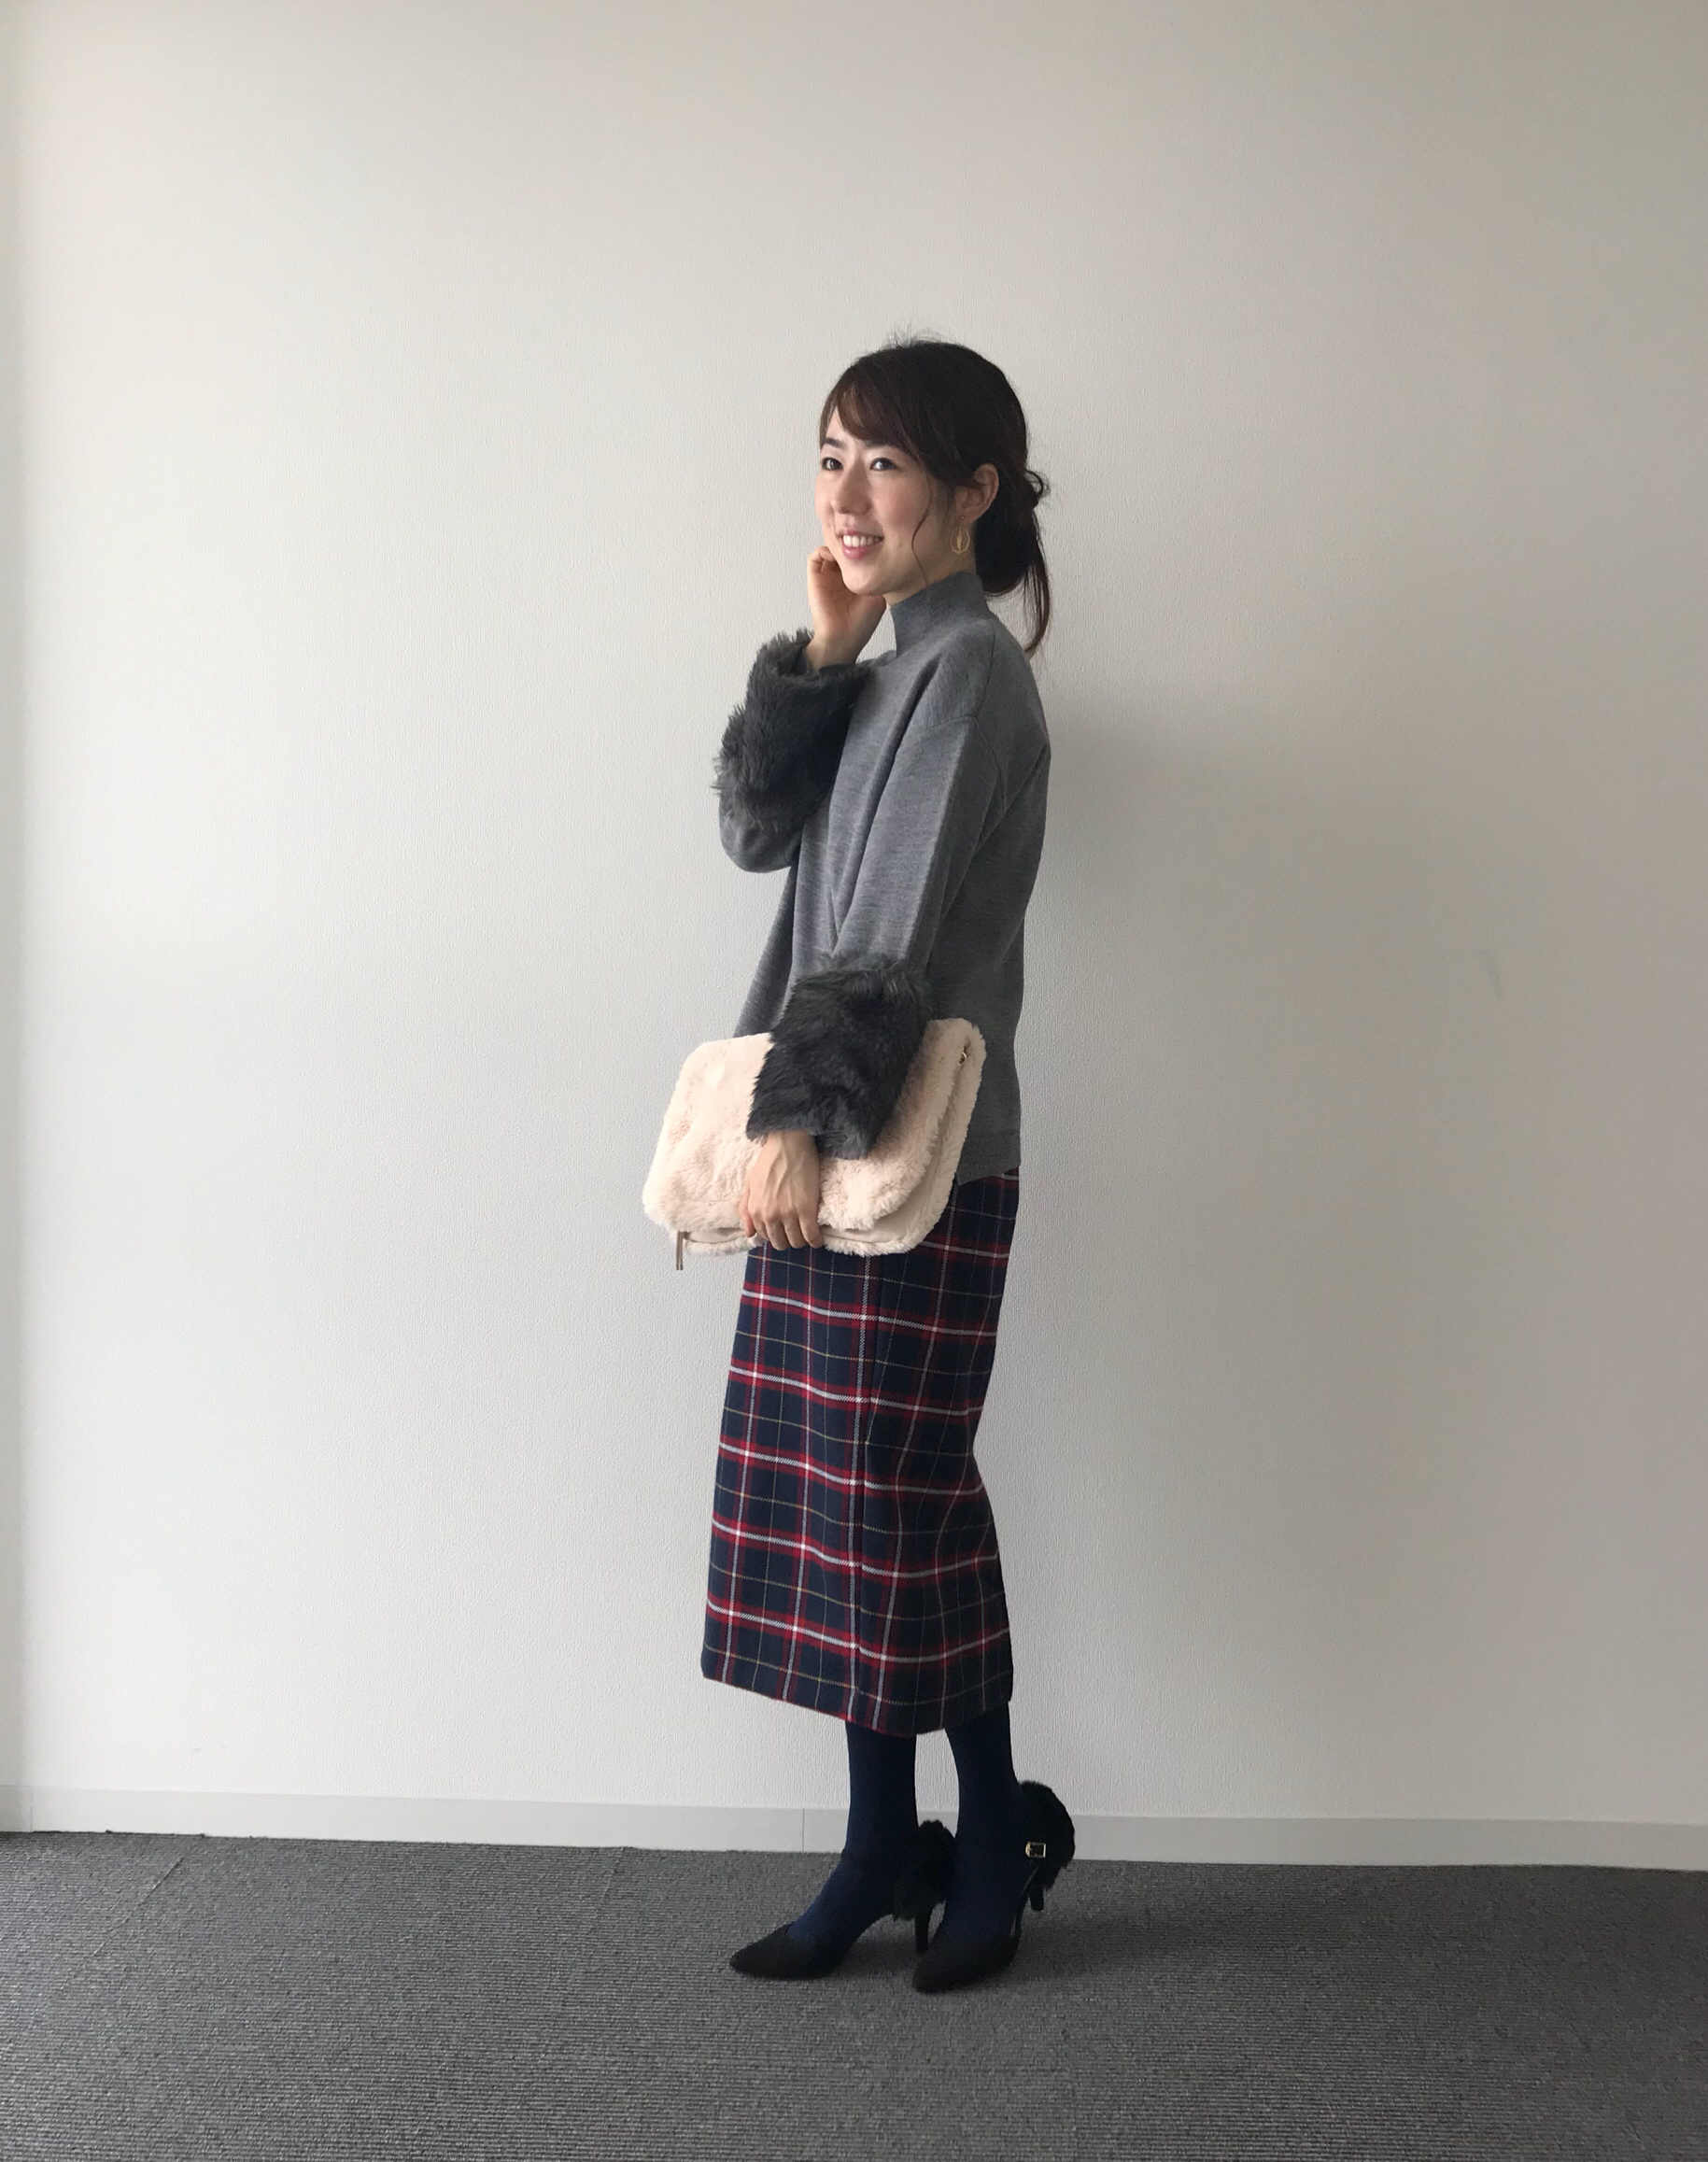 """買ってよかった【ユニクロ・GUアイテム】~冬の定番""""グレーコーデ"""""""